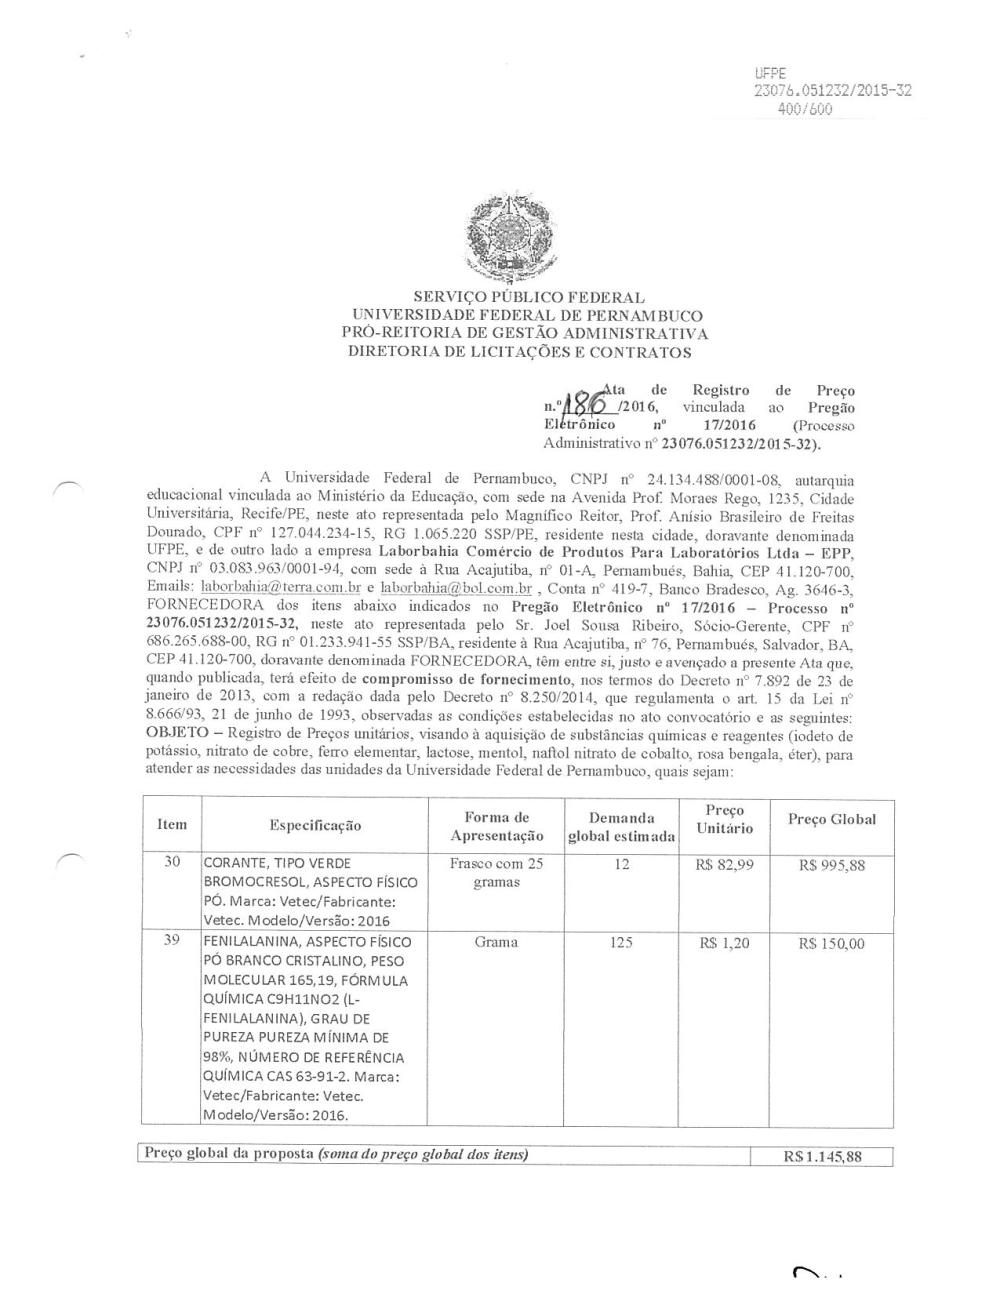 Ata 186 2016 Laborbahia Comercio De Produtos Para